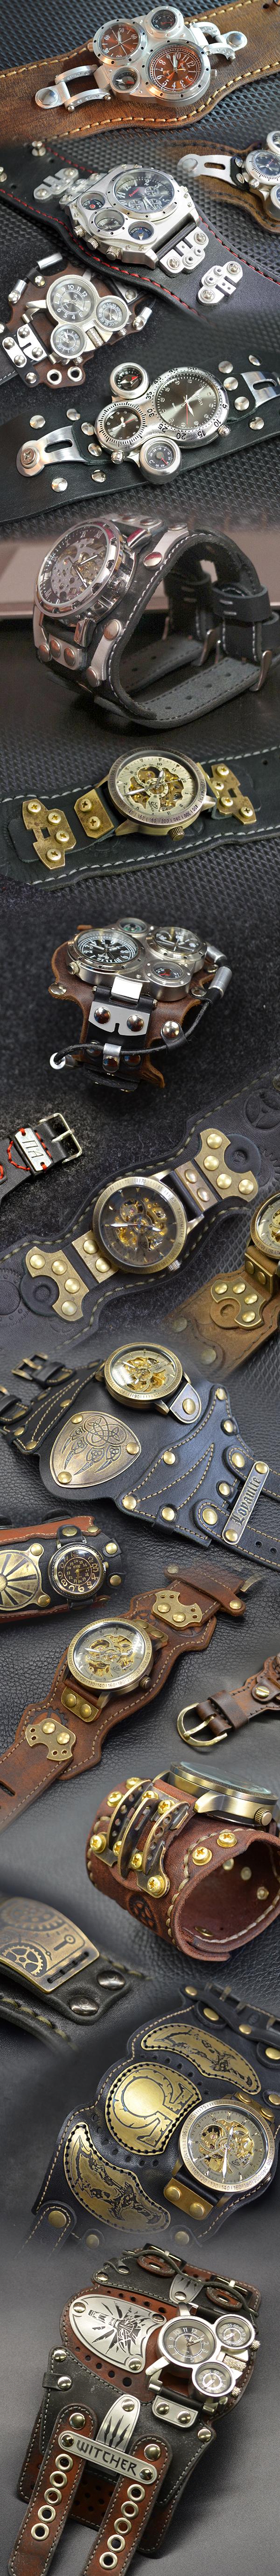 Несколько интересных часов с жЭлеСками Своими руками, Сам сделал, Часы, Браслет, Изделия из кожи, Крафт, Латунь, Алюминий, Длиннопост